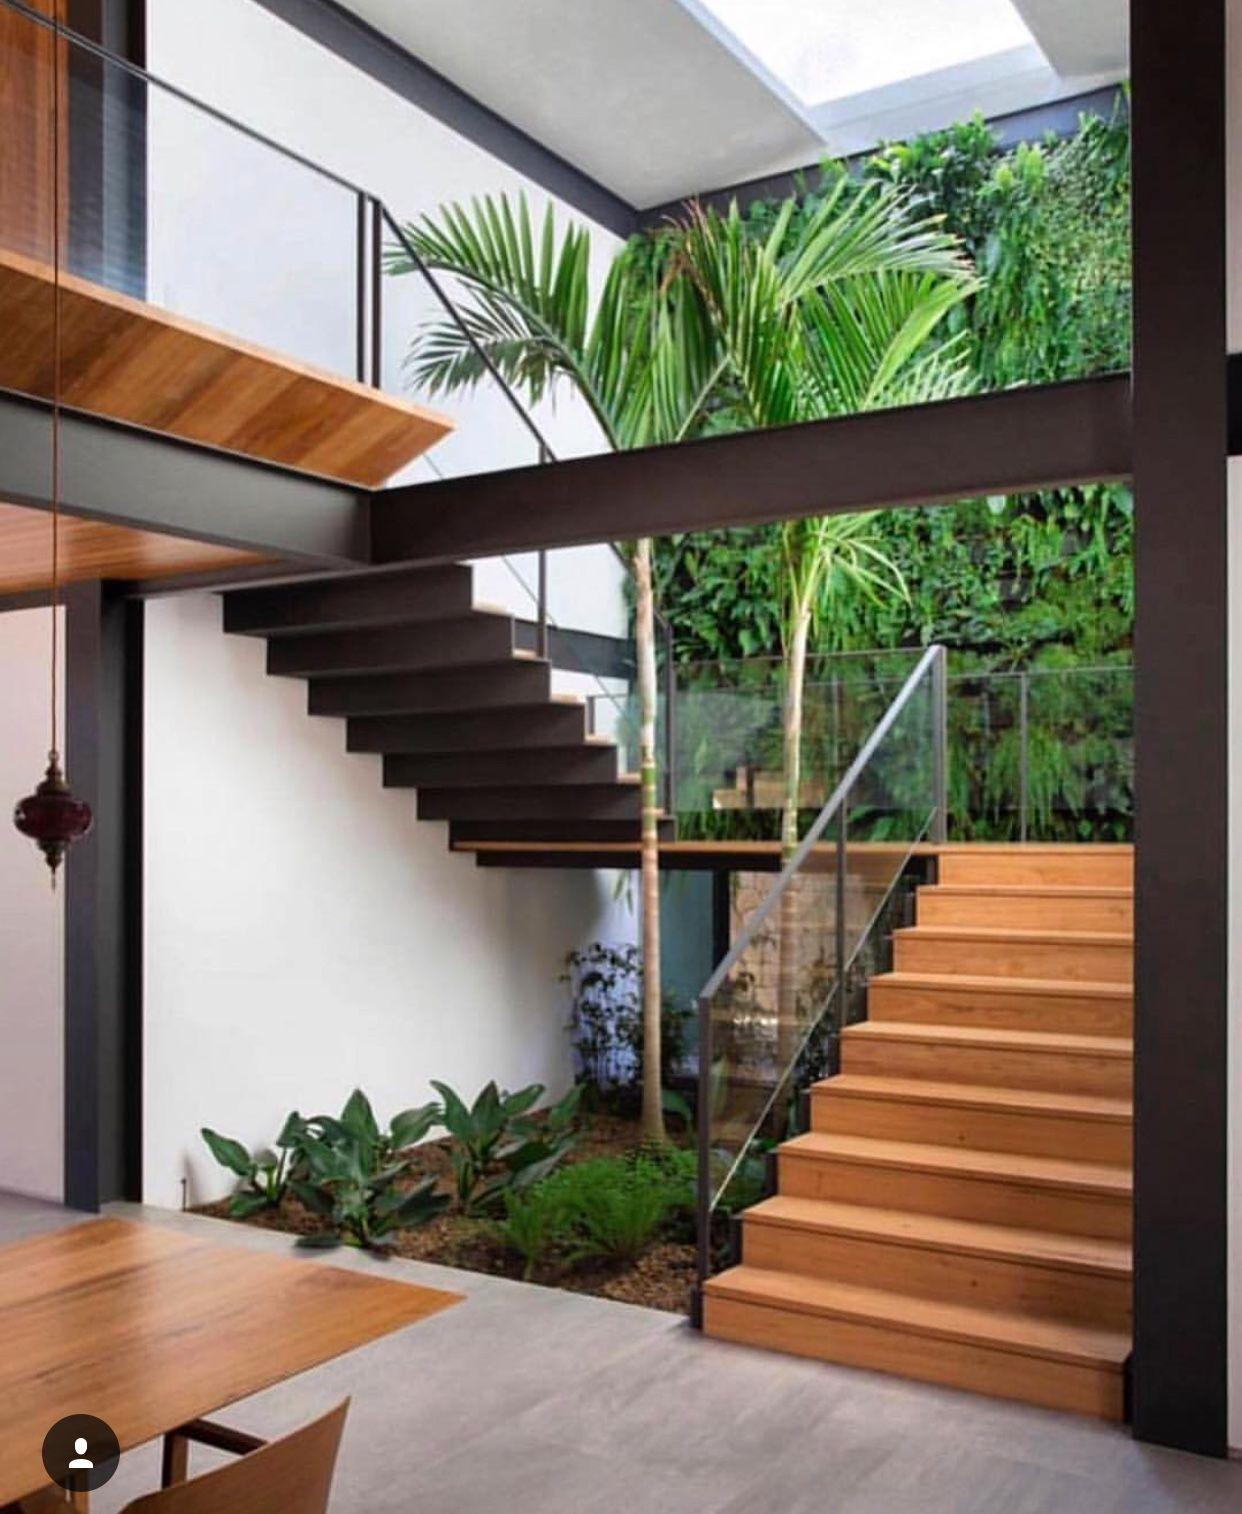 Jardines Y Escaleras Diseno Casas Modernas Disenos De Casas Casas De Ensueno